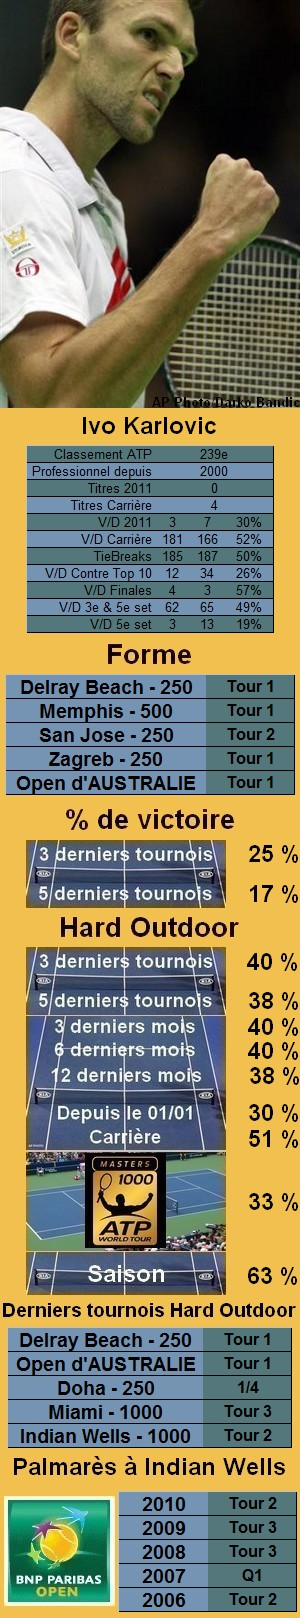 Les statistiques tennis de Ivo Karlovic pour le tournoi de Indian Wells